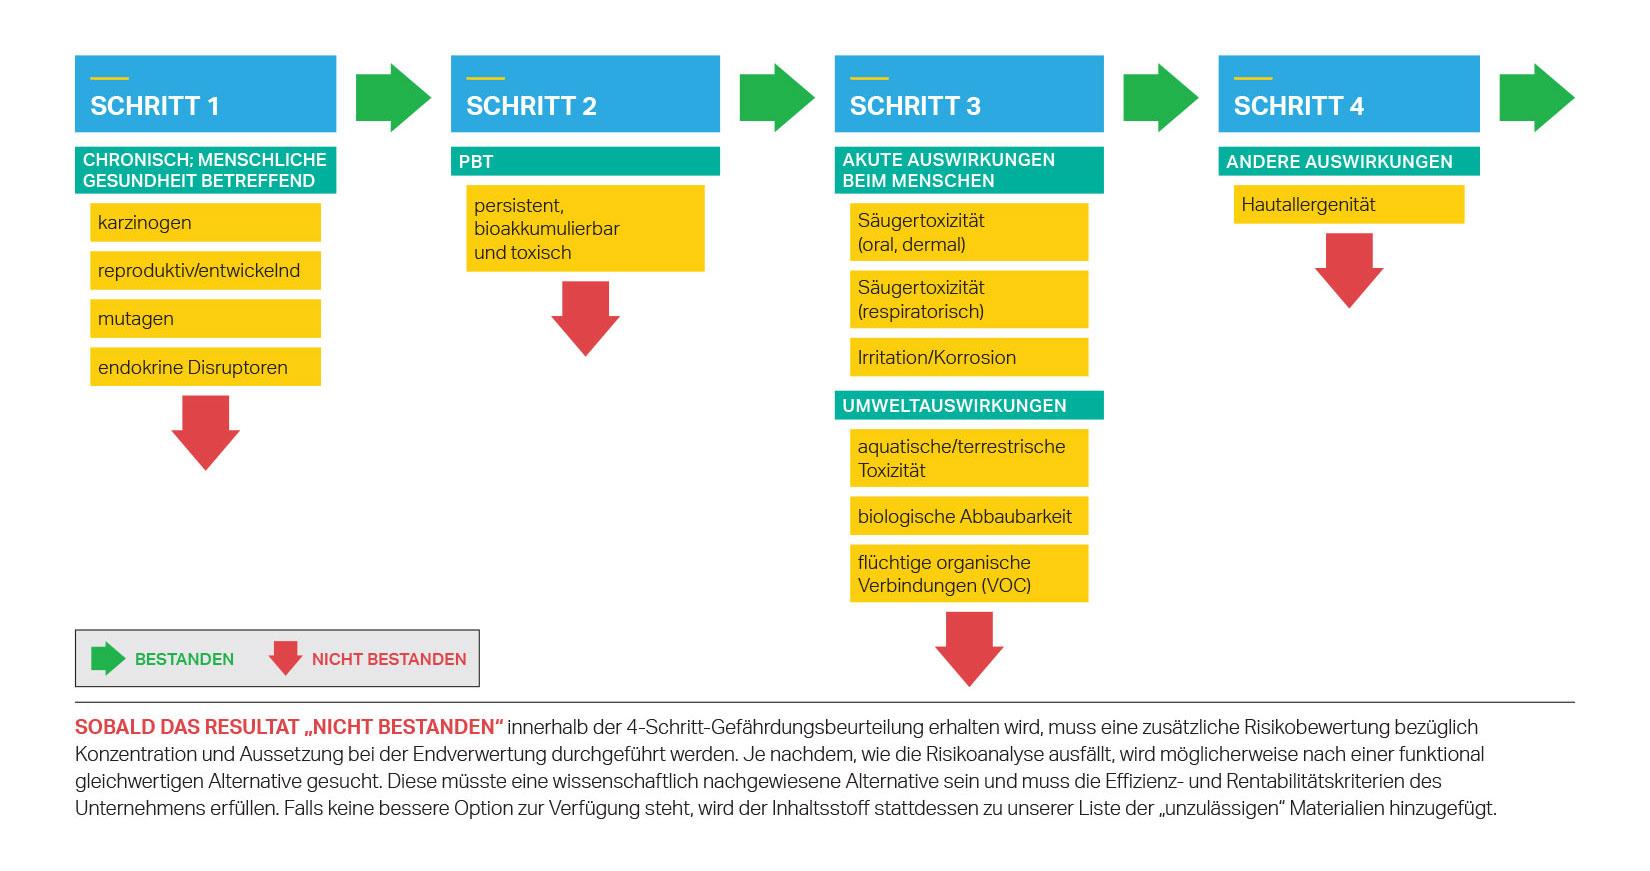 SCJohnsons vierstufige Gefährdungsbeurteilung für Produktinhaltsstoffe